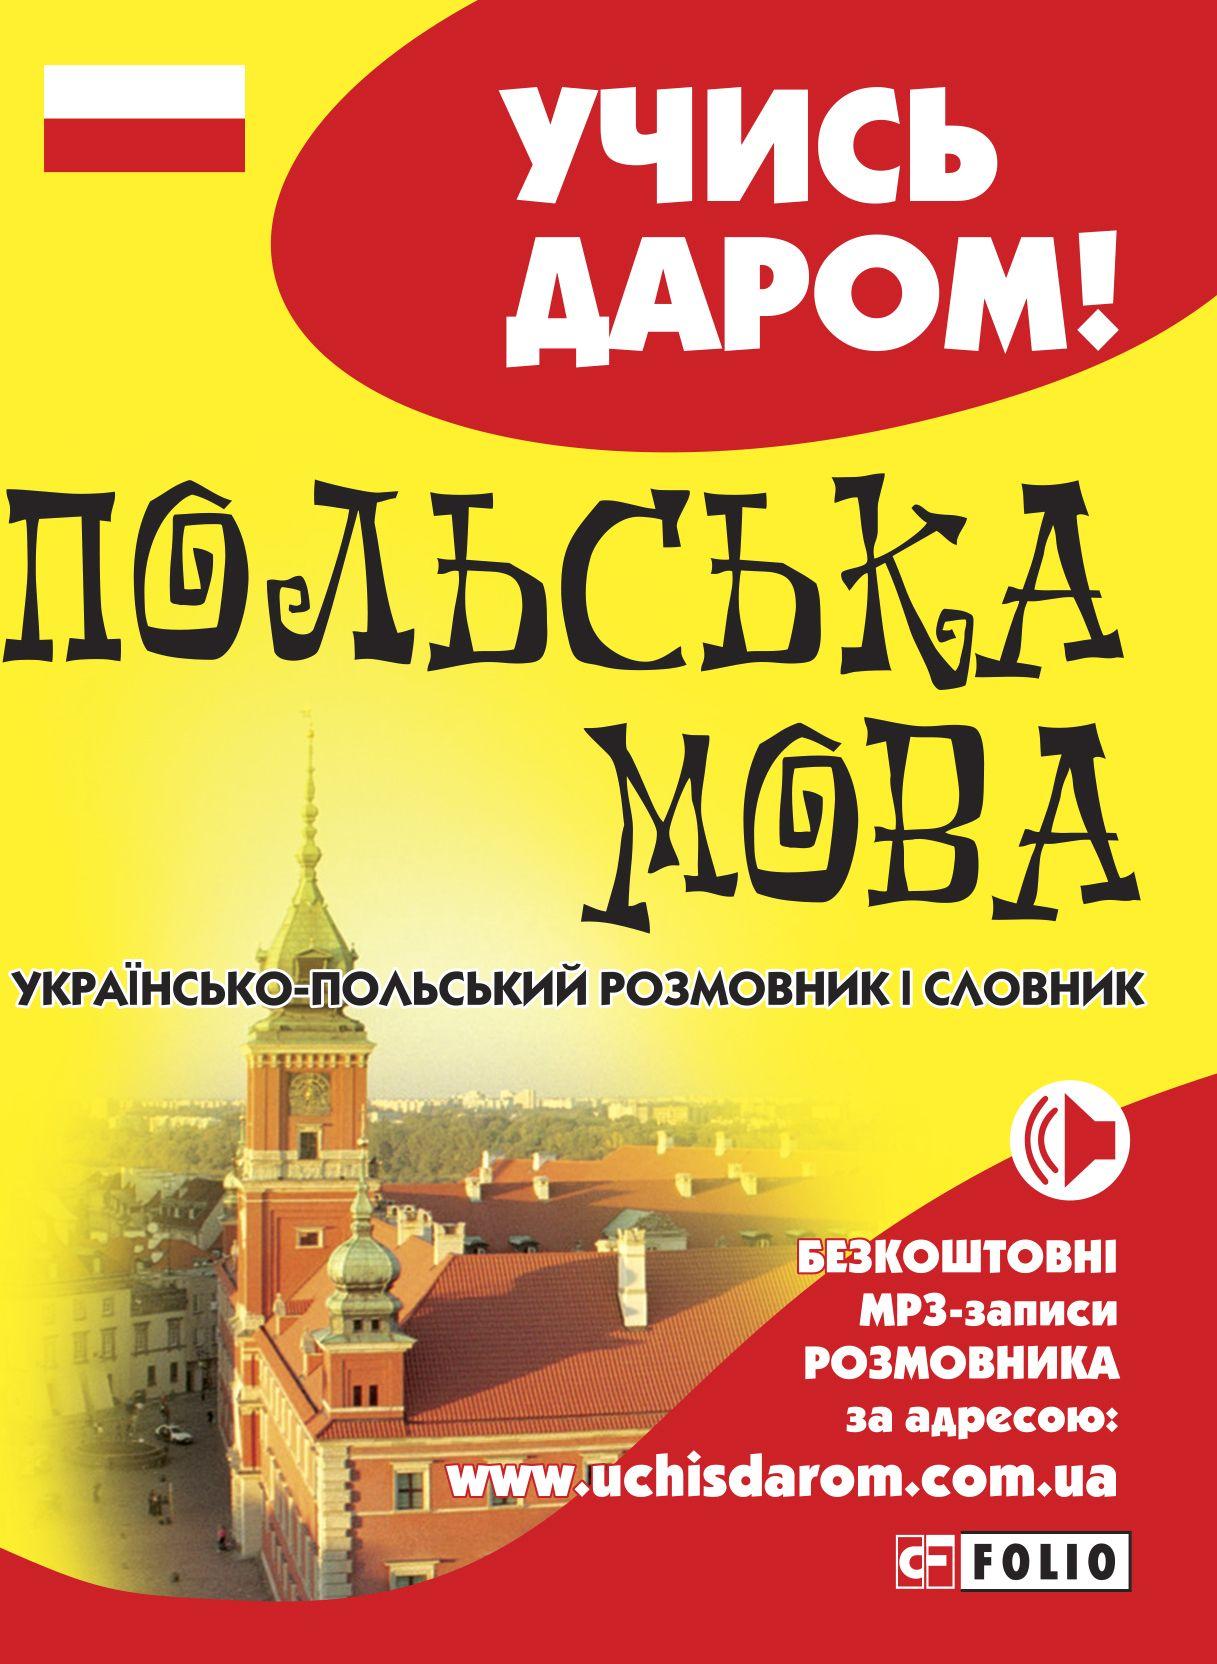 Польська мова. Українсько-польський розмовник і словник